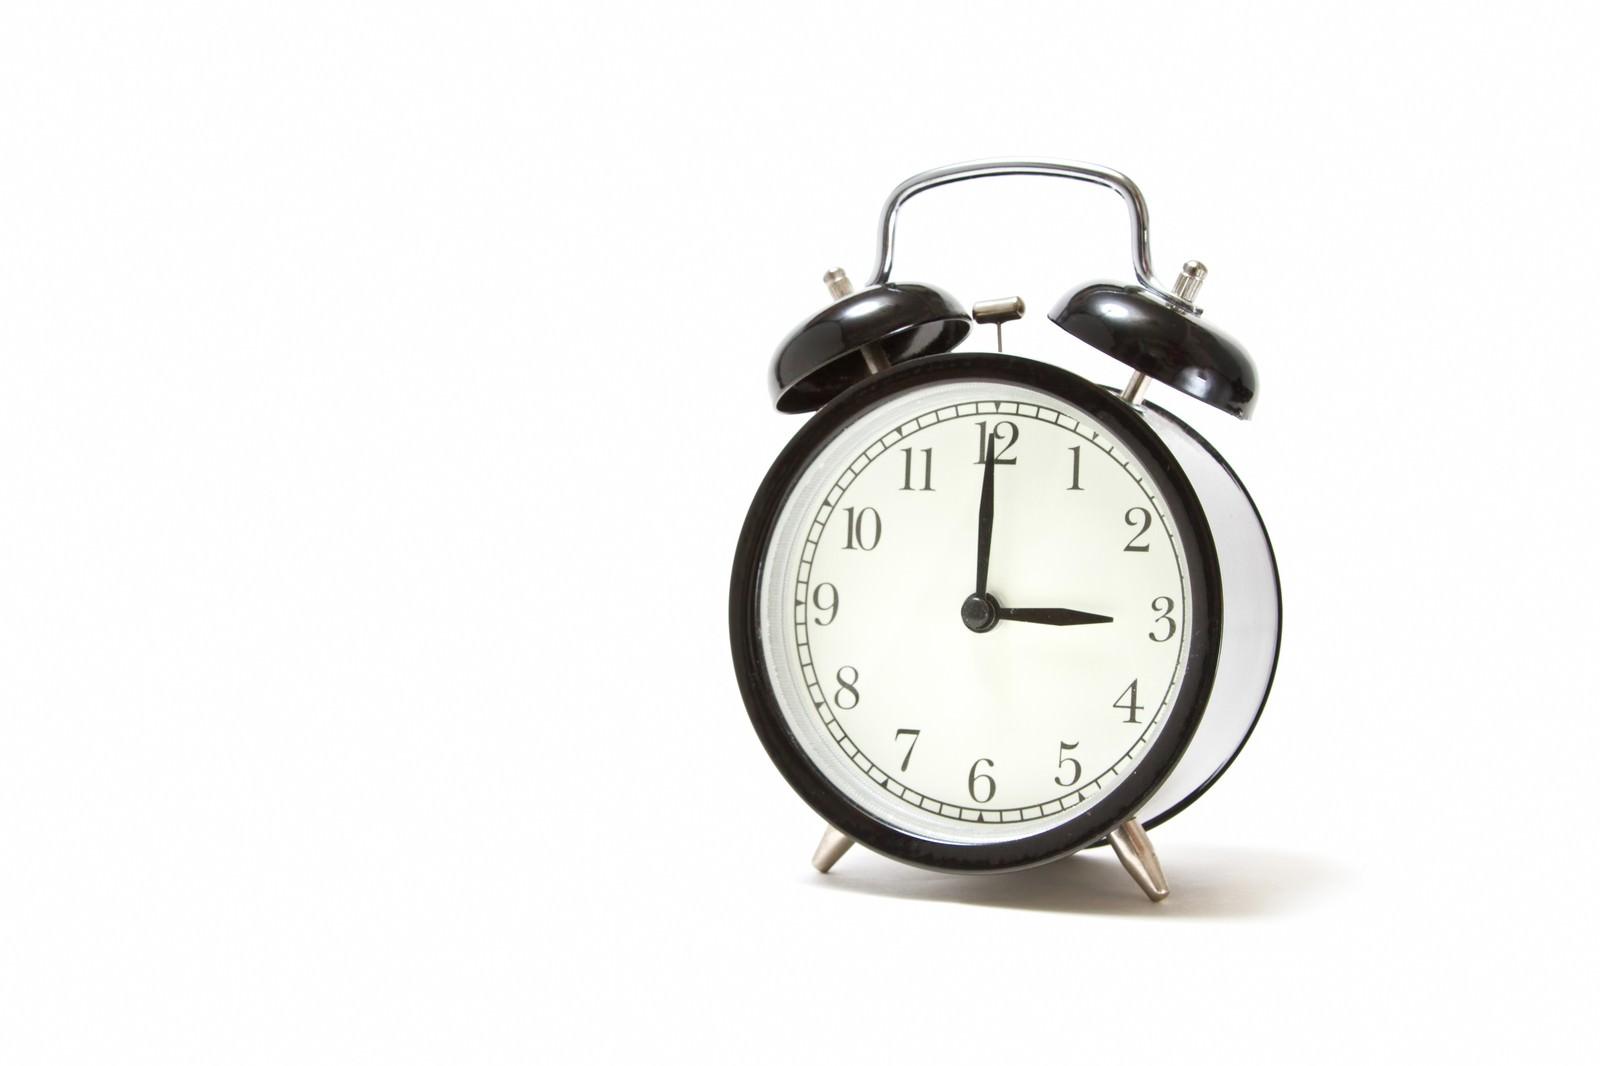 「おやつの時間(3時)を指す目覚まし時計」